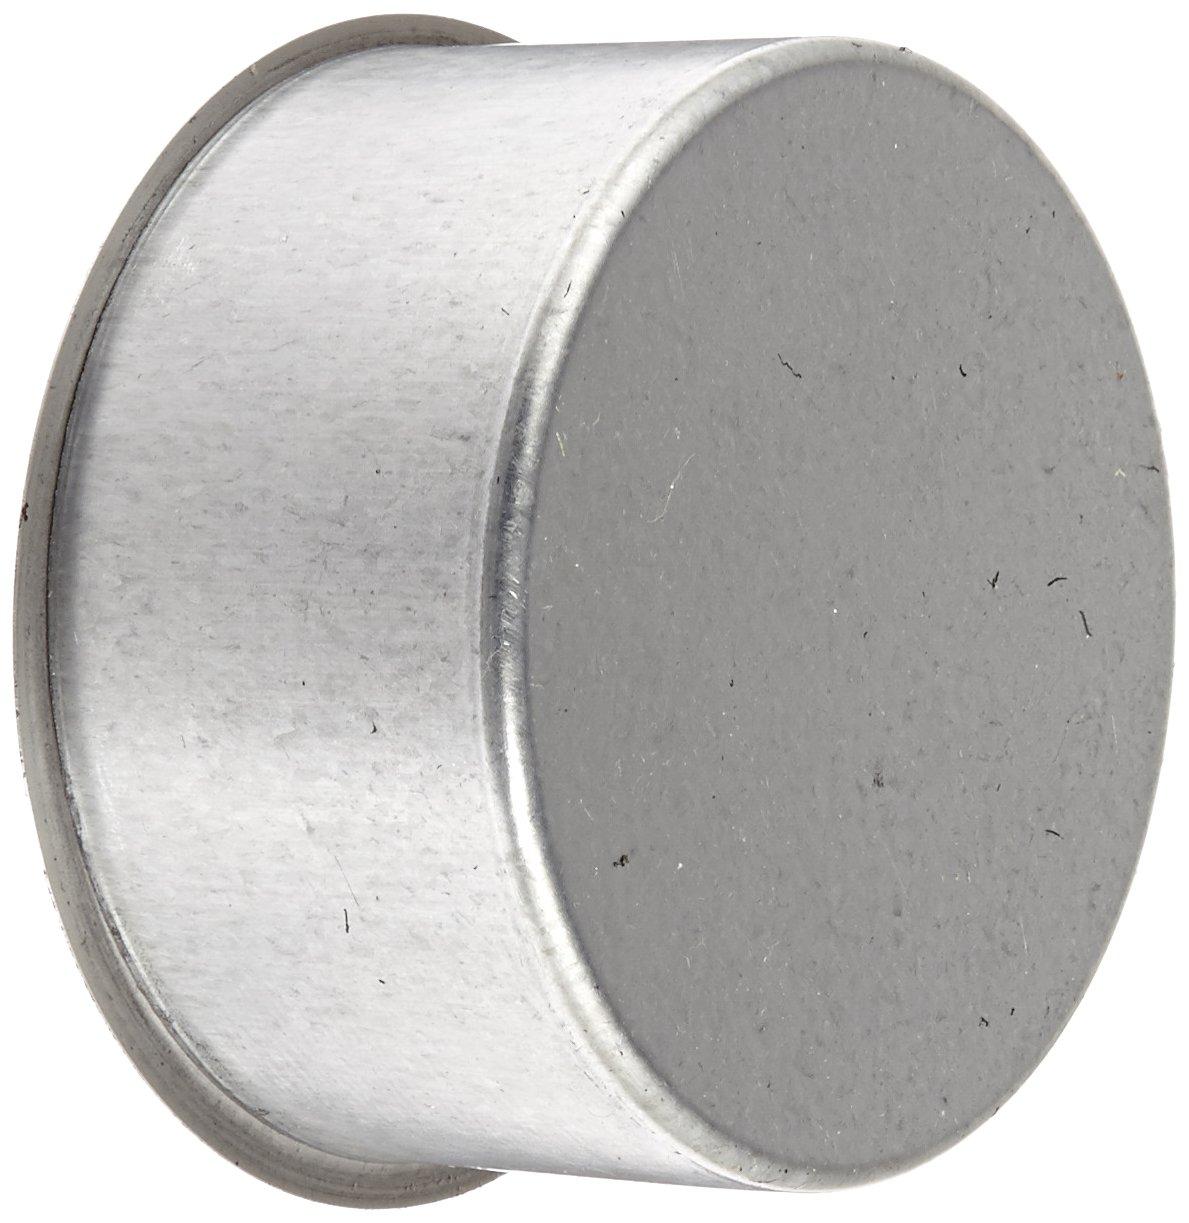 SKF 99298 Speedi Sleeve, SSLEEVE Style, Inch, 2.993in Shaft Diameter, 0.484in Width